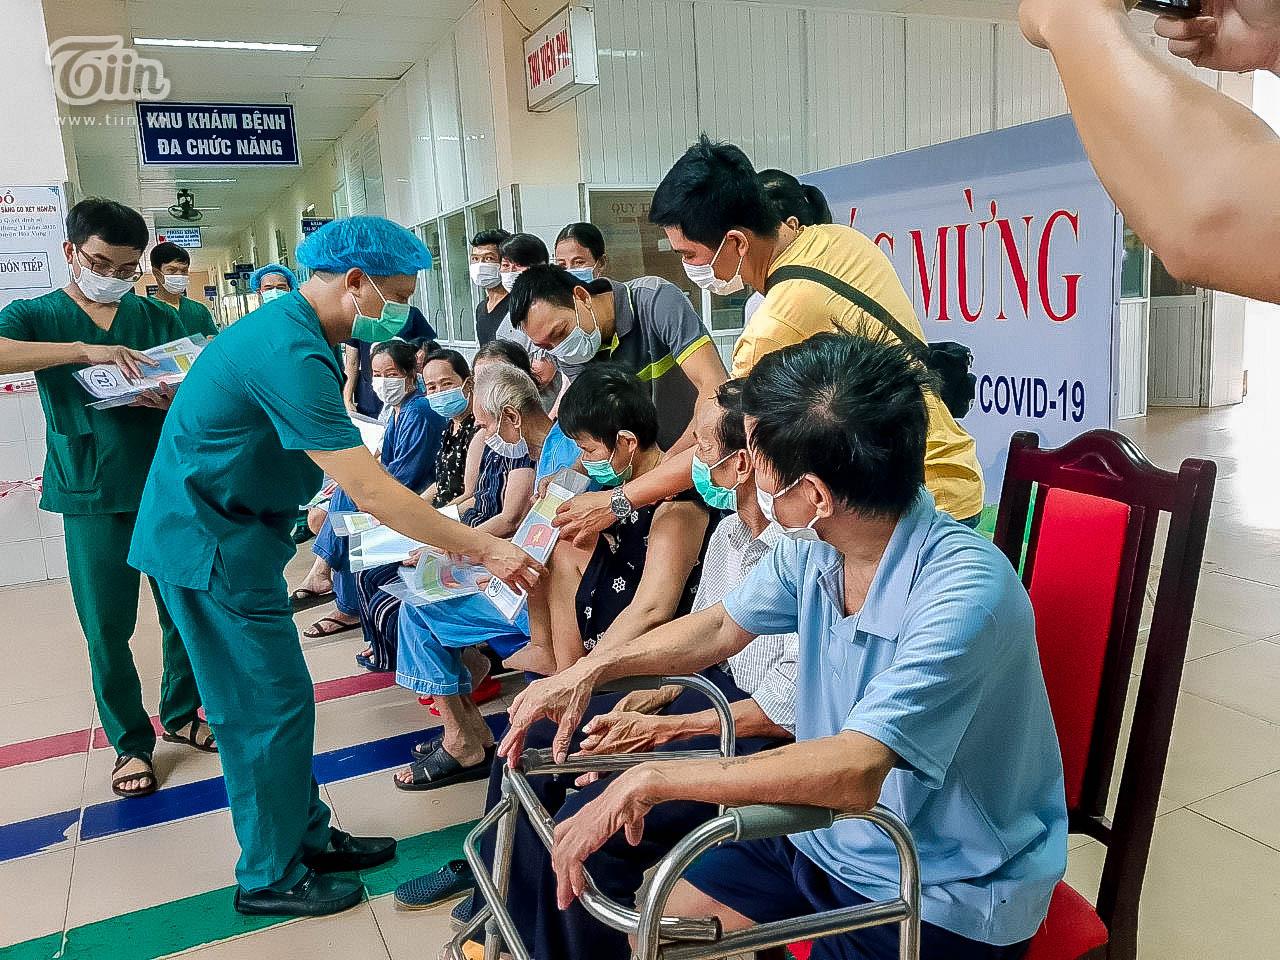 Thêm 16 bệnh nhân Covid-19 ở Đà Nẵng khỏi bệnh, sản phụ nhiễm bệnh đã xuất viện cùng con 1